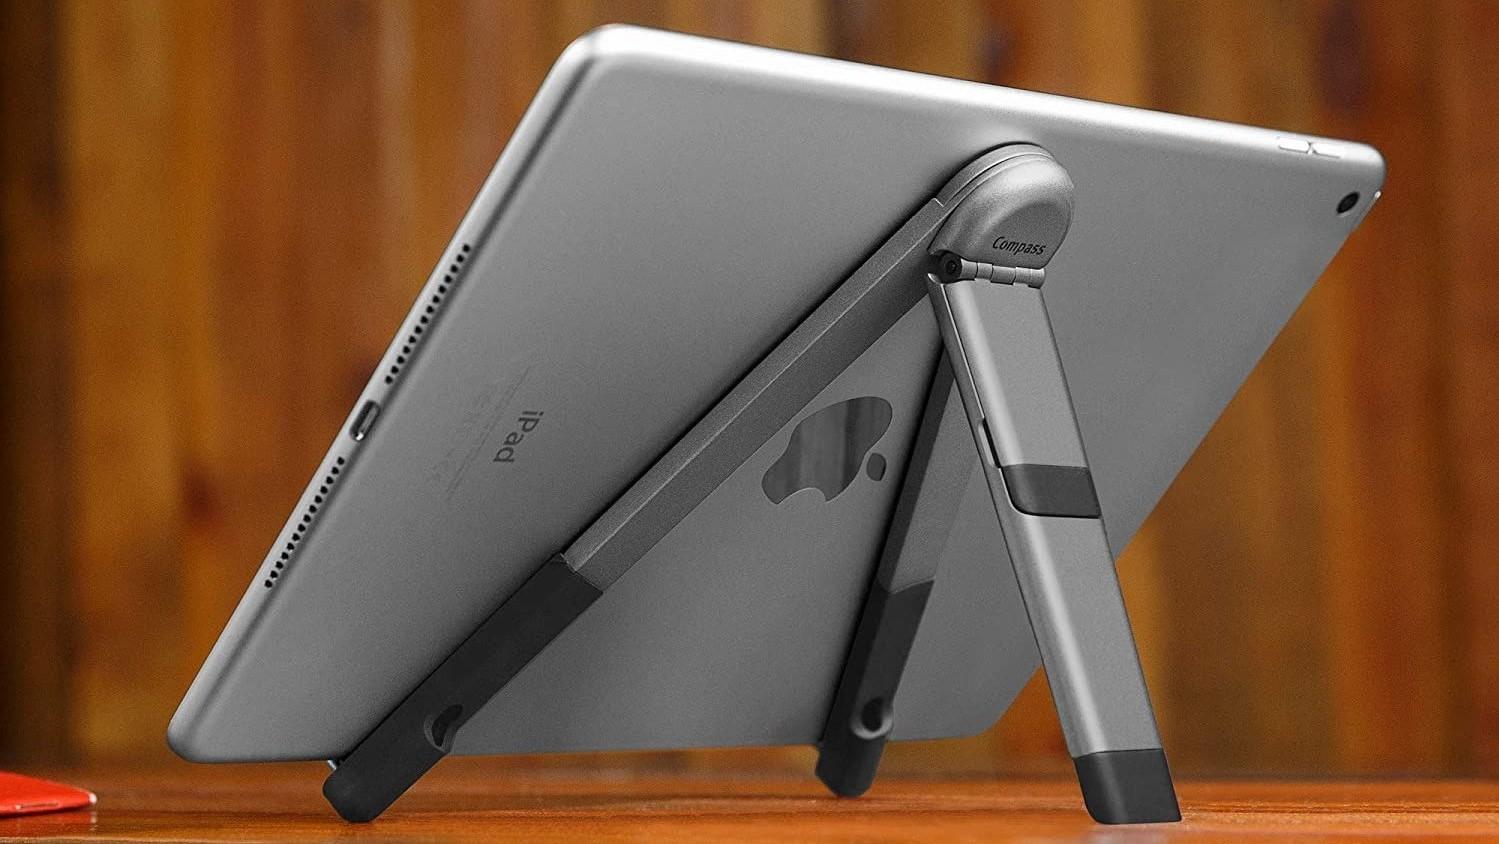 12 South Compass Pro iPad đứng trên bàn